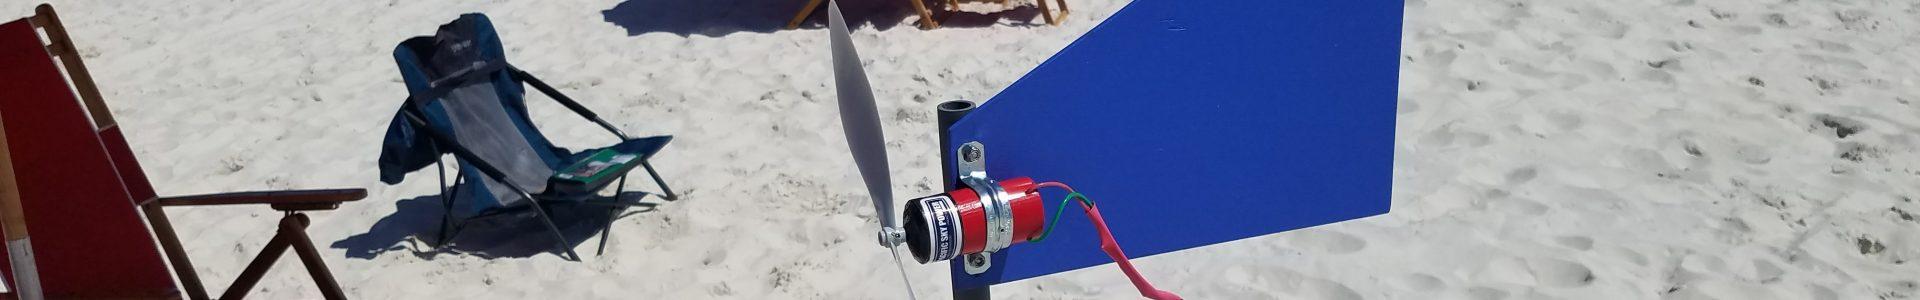 NEW Travel Wind Turbine 12volt Generator Kit